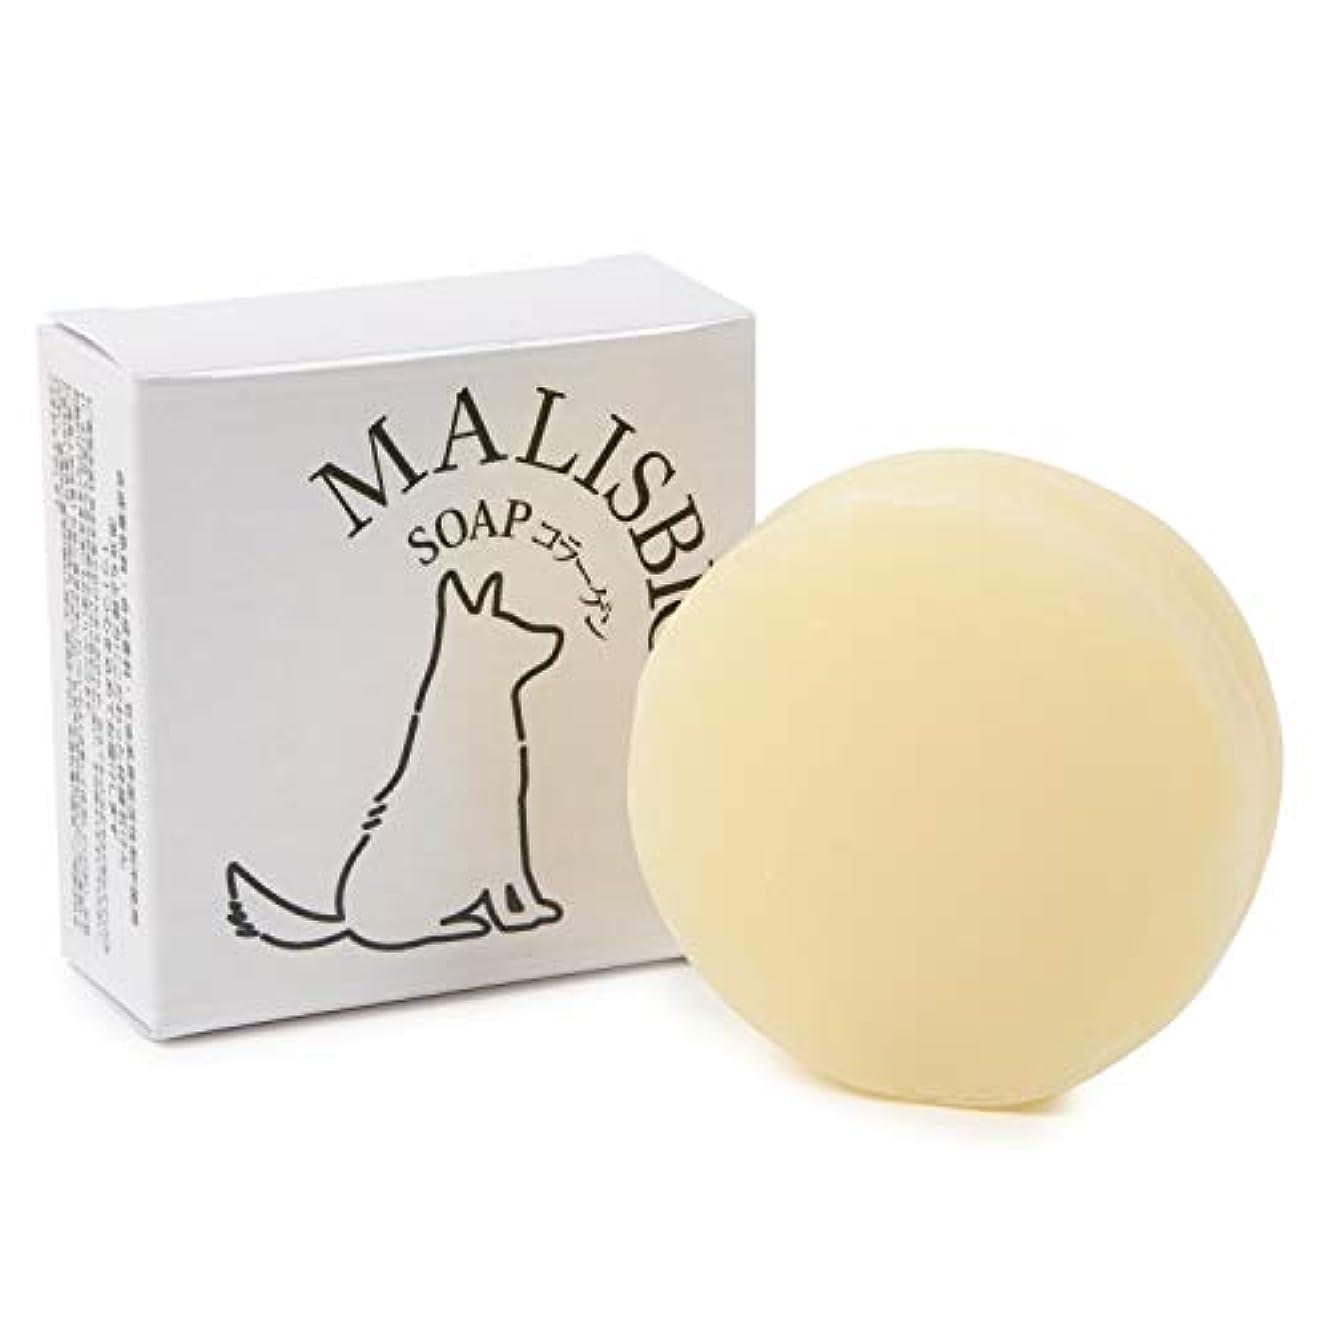 多様体農場幸運なことにコラーゲンソープ 洗顔石鹸 固形 無添加 お肌に優しい成分のみ 敏感肌 毛穴にも 日本製 マリスビオ